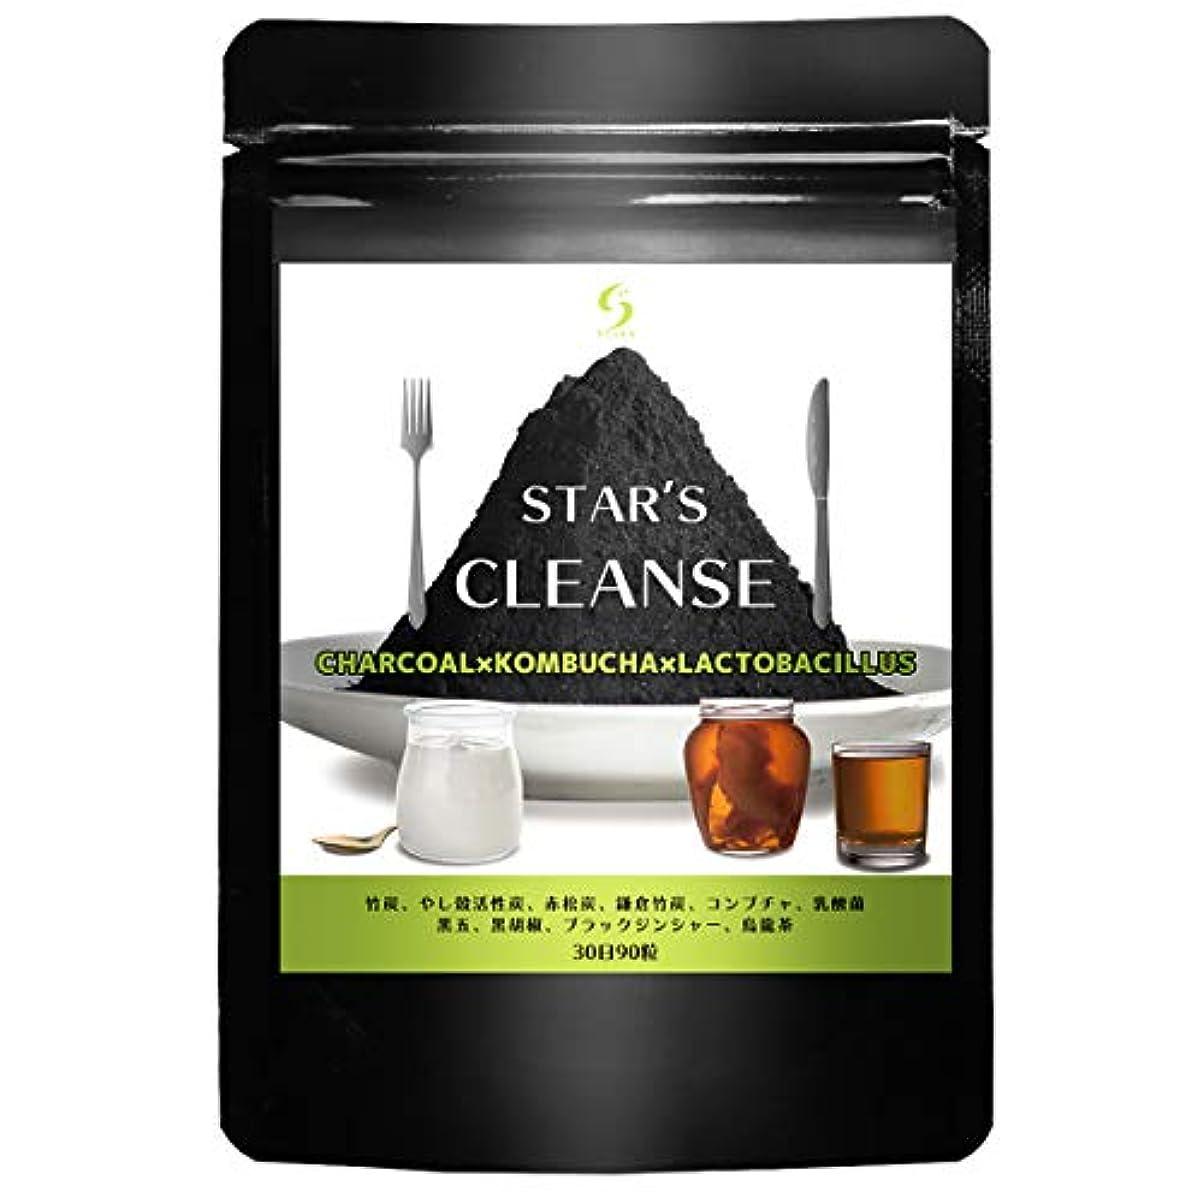 に対して計り知れない親指スターズクレンズ 炭ダイエット サプリ コンブチャ 乳酸菌 チャコール サプリメント 90粒30日分